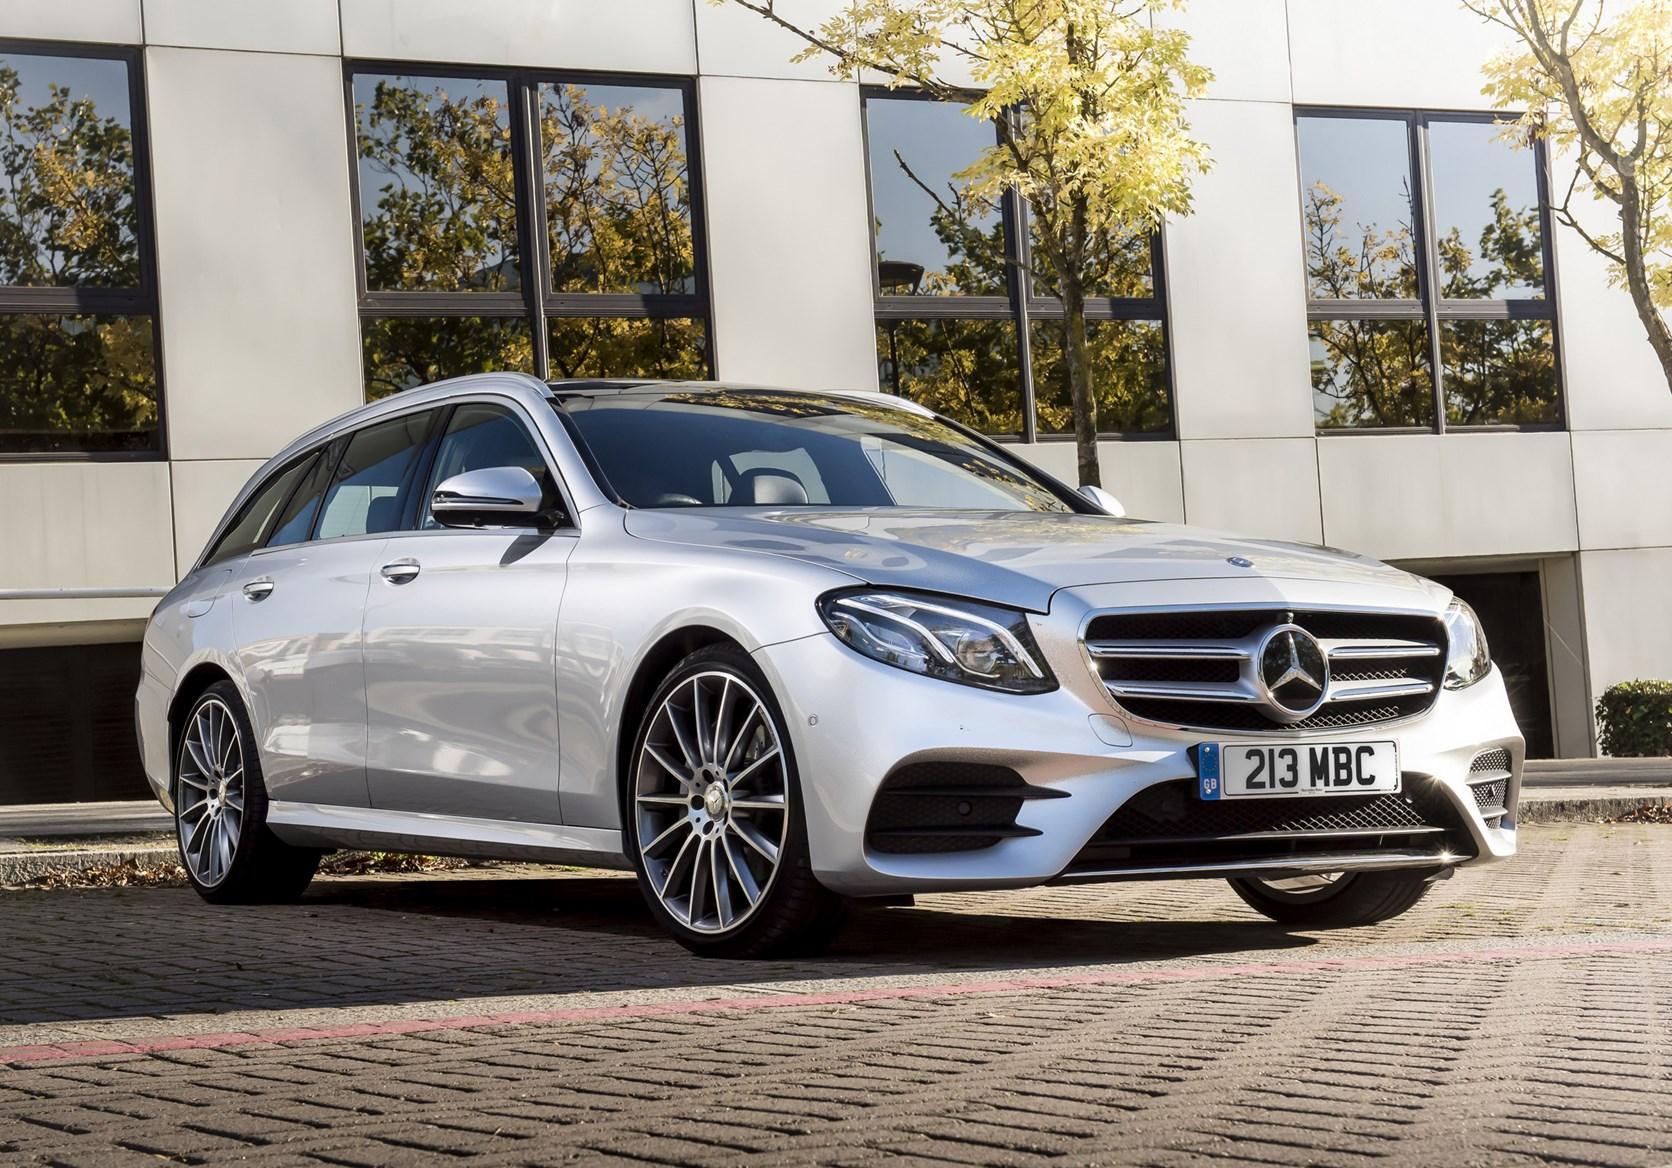 Mercedes benz e class estate review 2016 parkers for How much is a mercedes benz e class